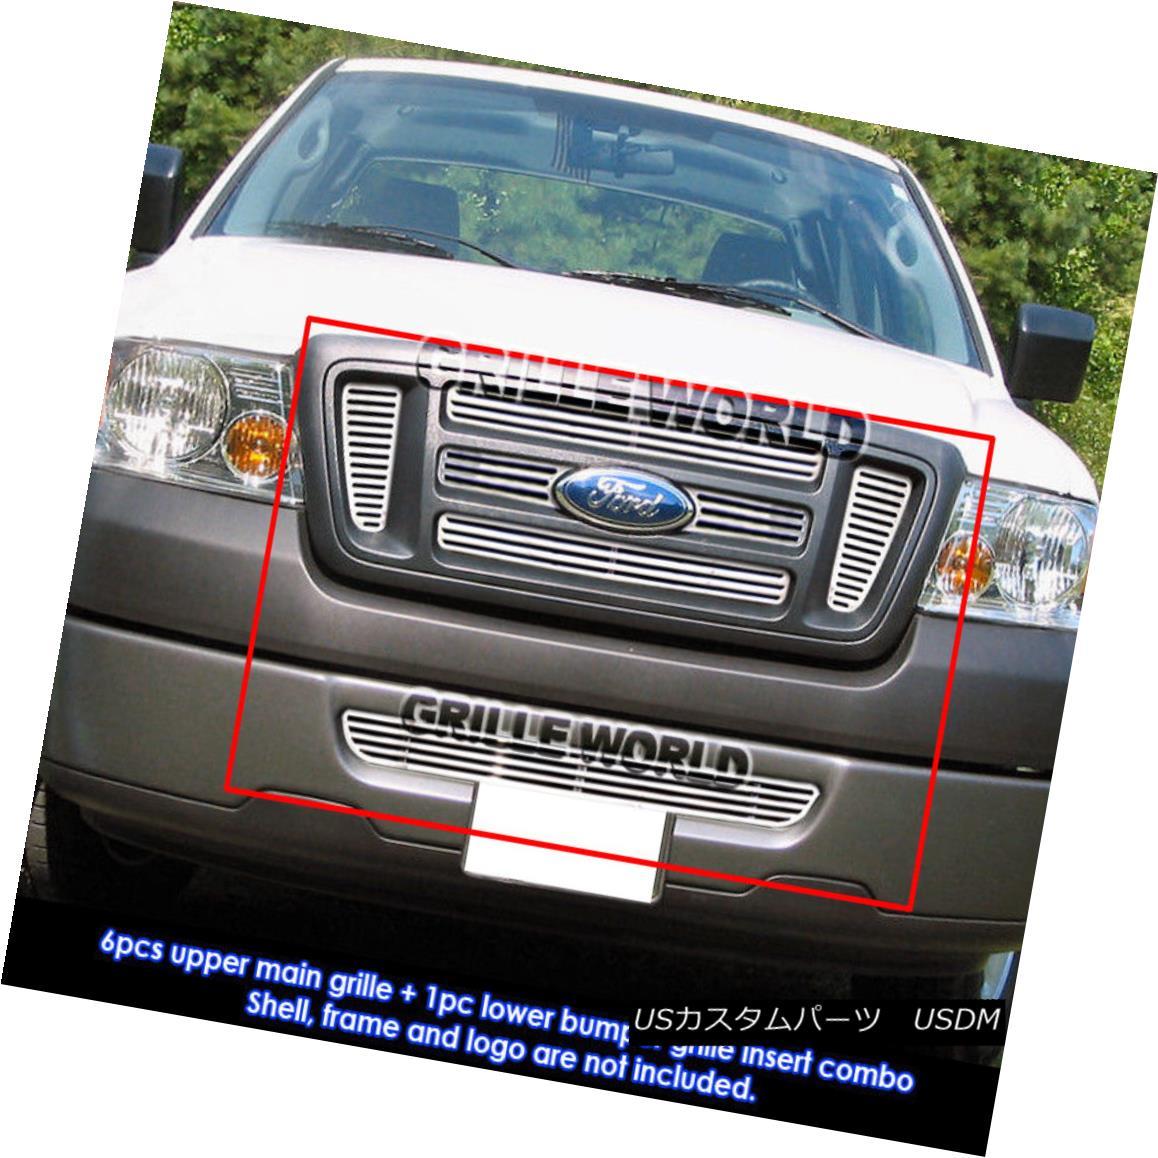 グリル For 06-08 Ford F-150 Bar Style Perimeter CNC Machine Cut Grille Combo Insert 06-08 Ford F-150バースタイル周縁CNCマシンカットグリルコンボインサート